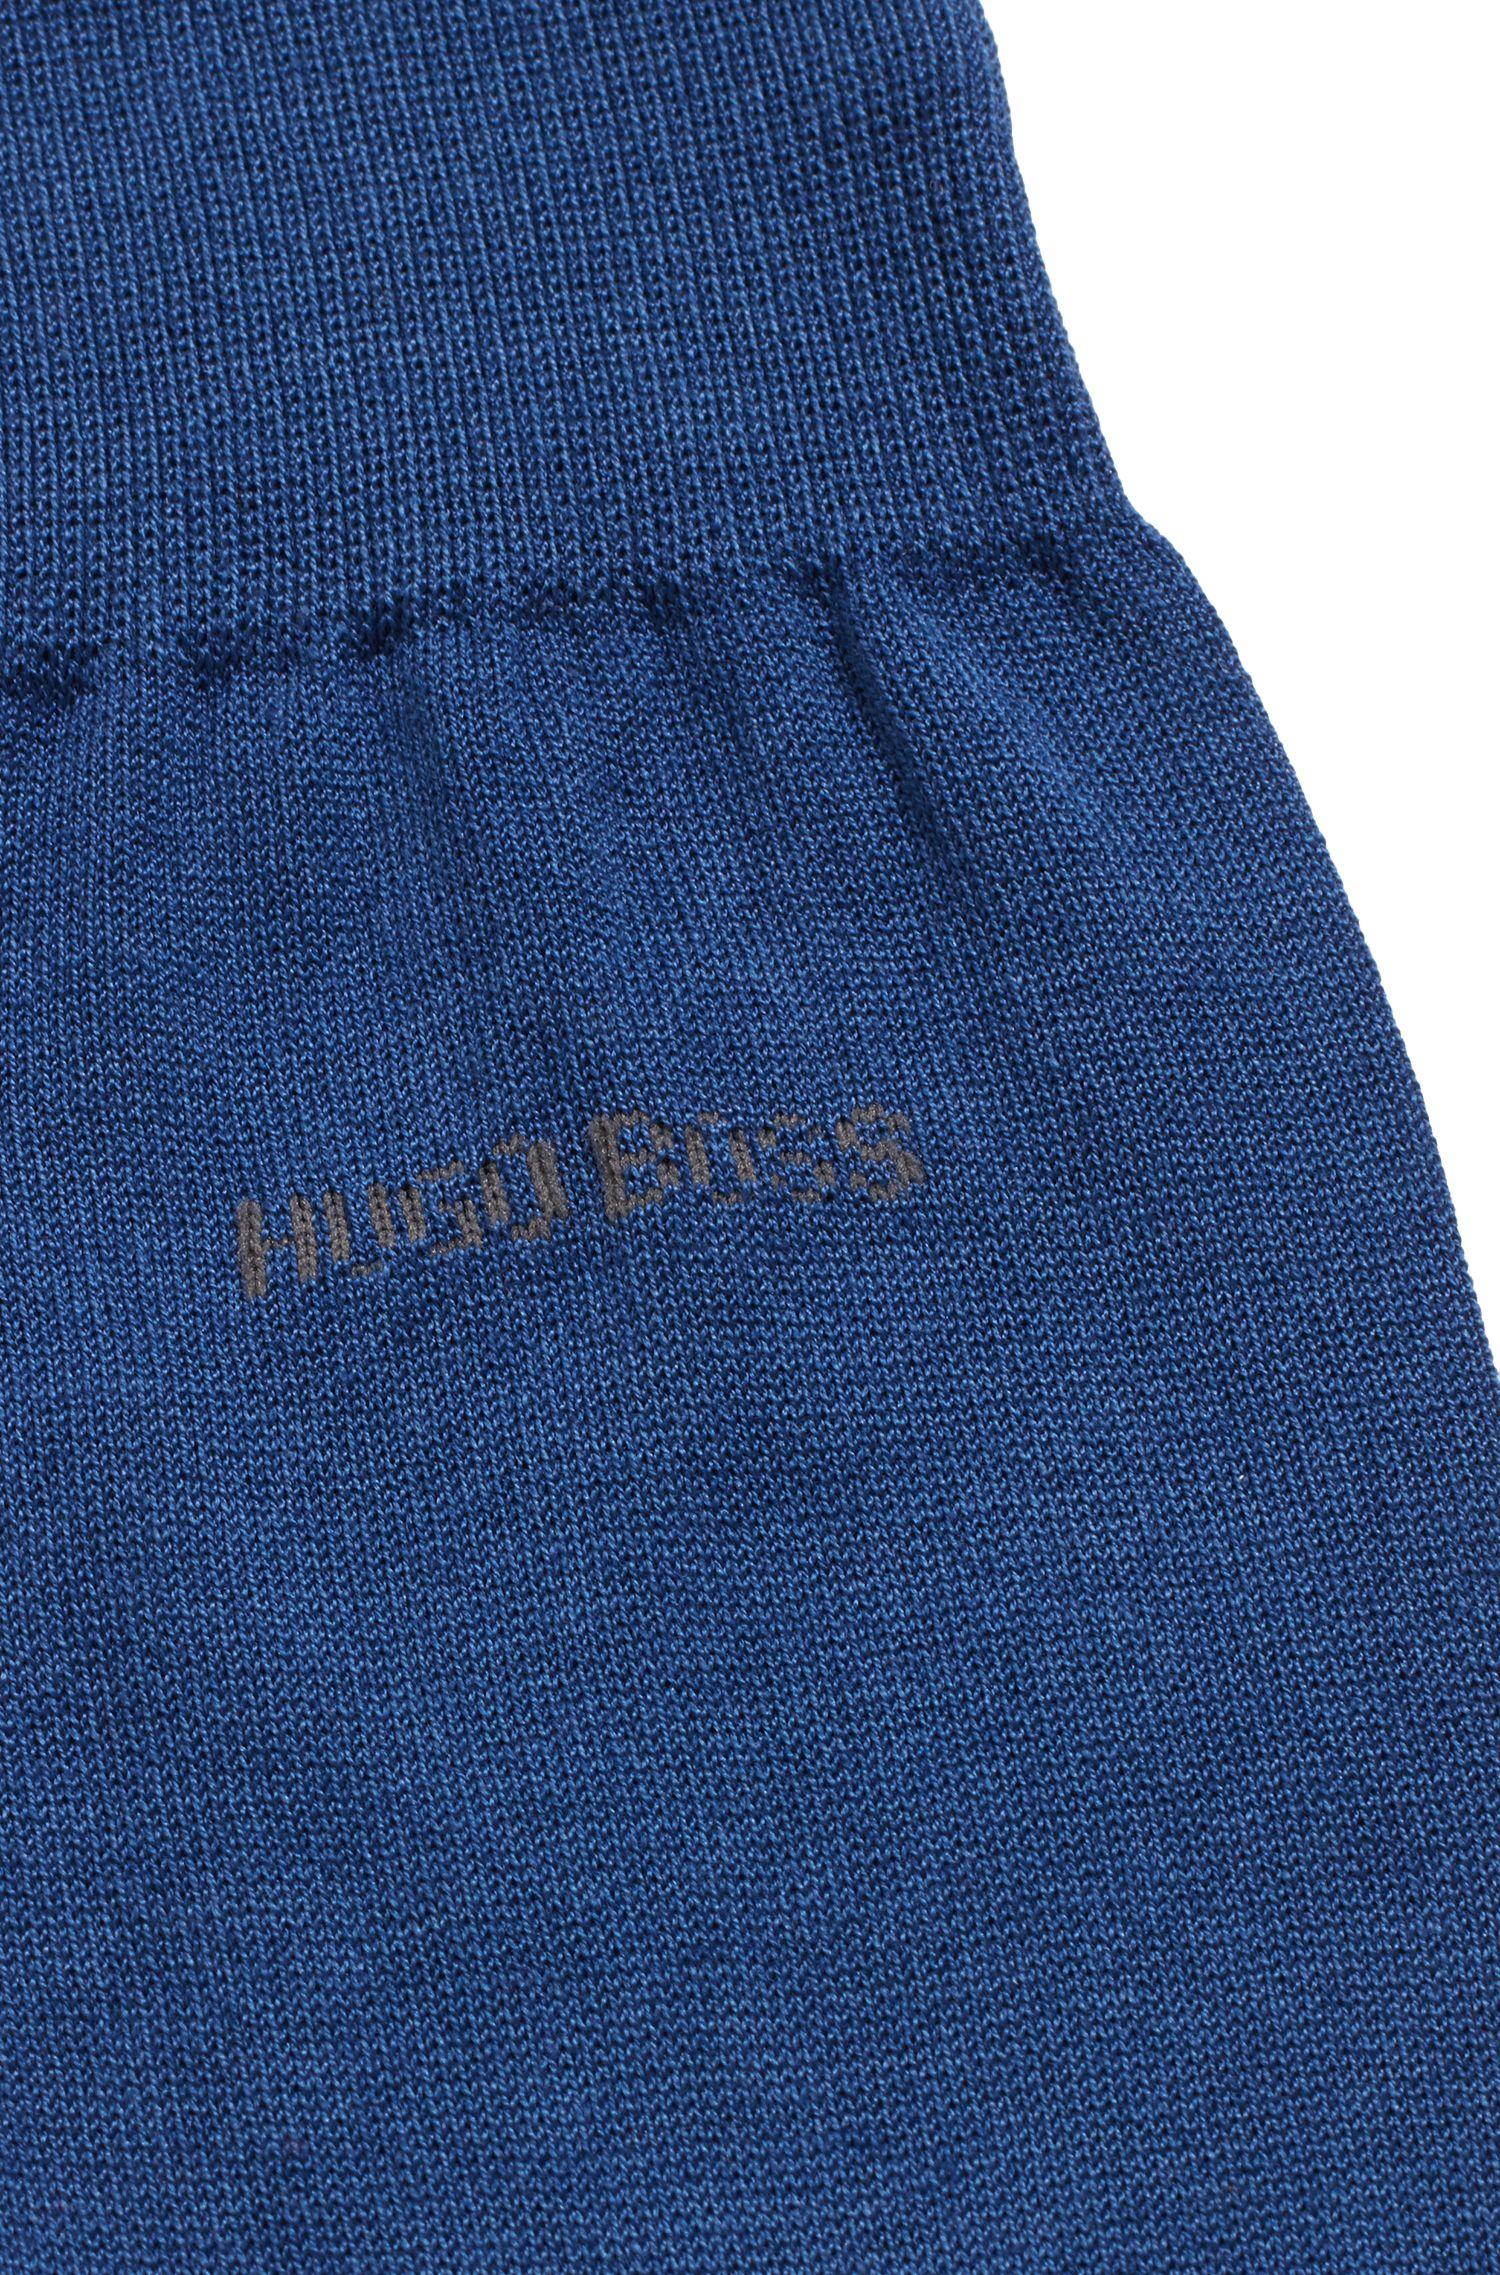 Mittelhohe Socken aus merzerisierter Baumwolle mit Kontrast-Logo, Blau